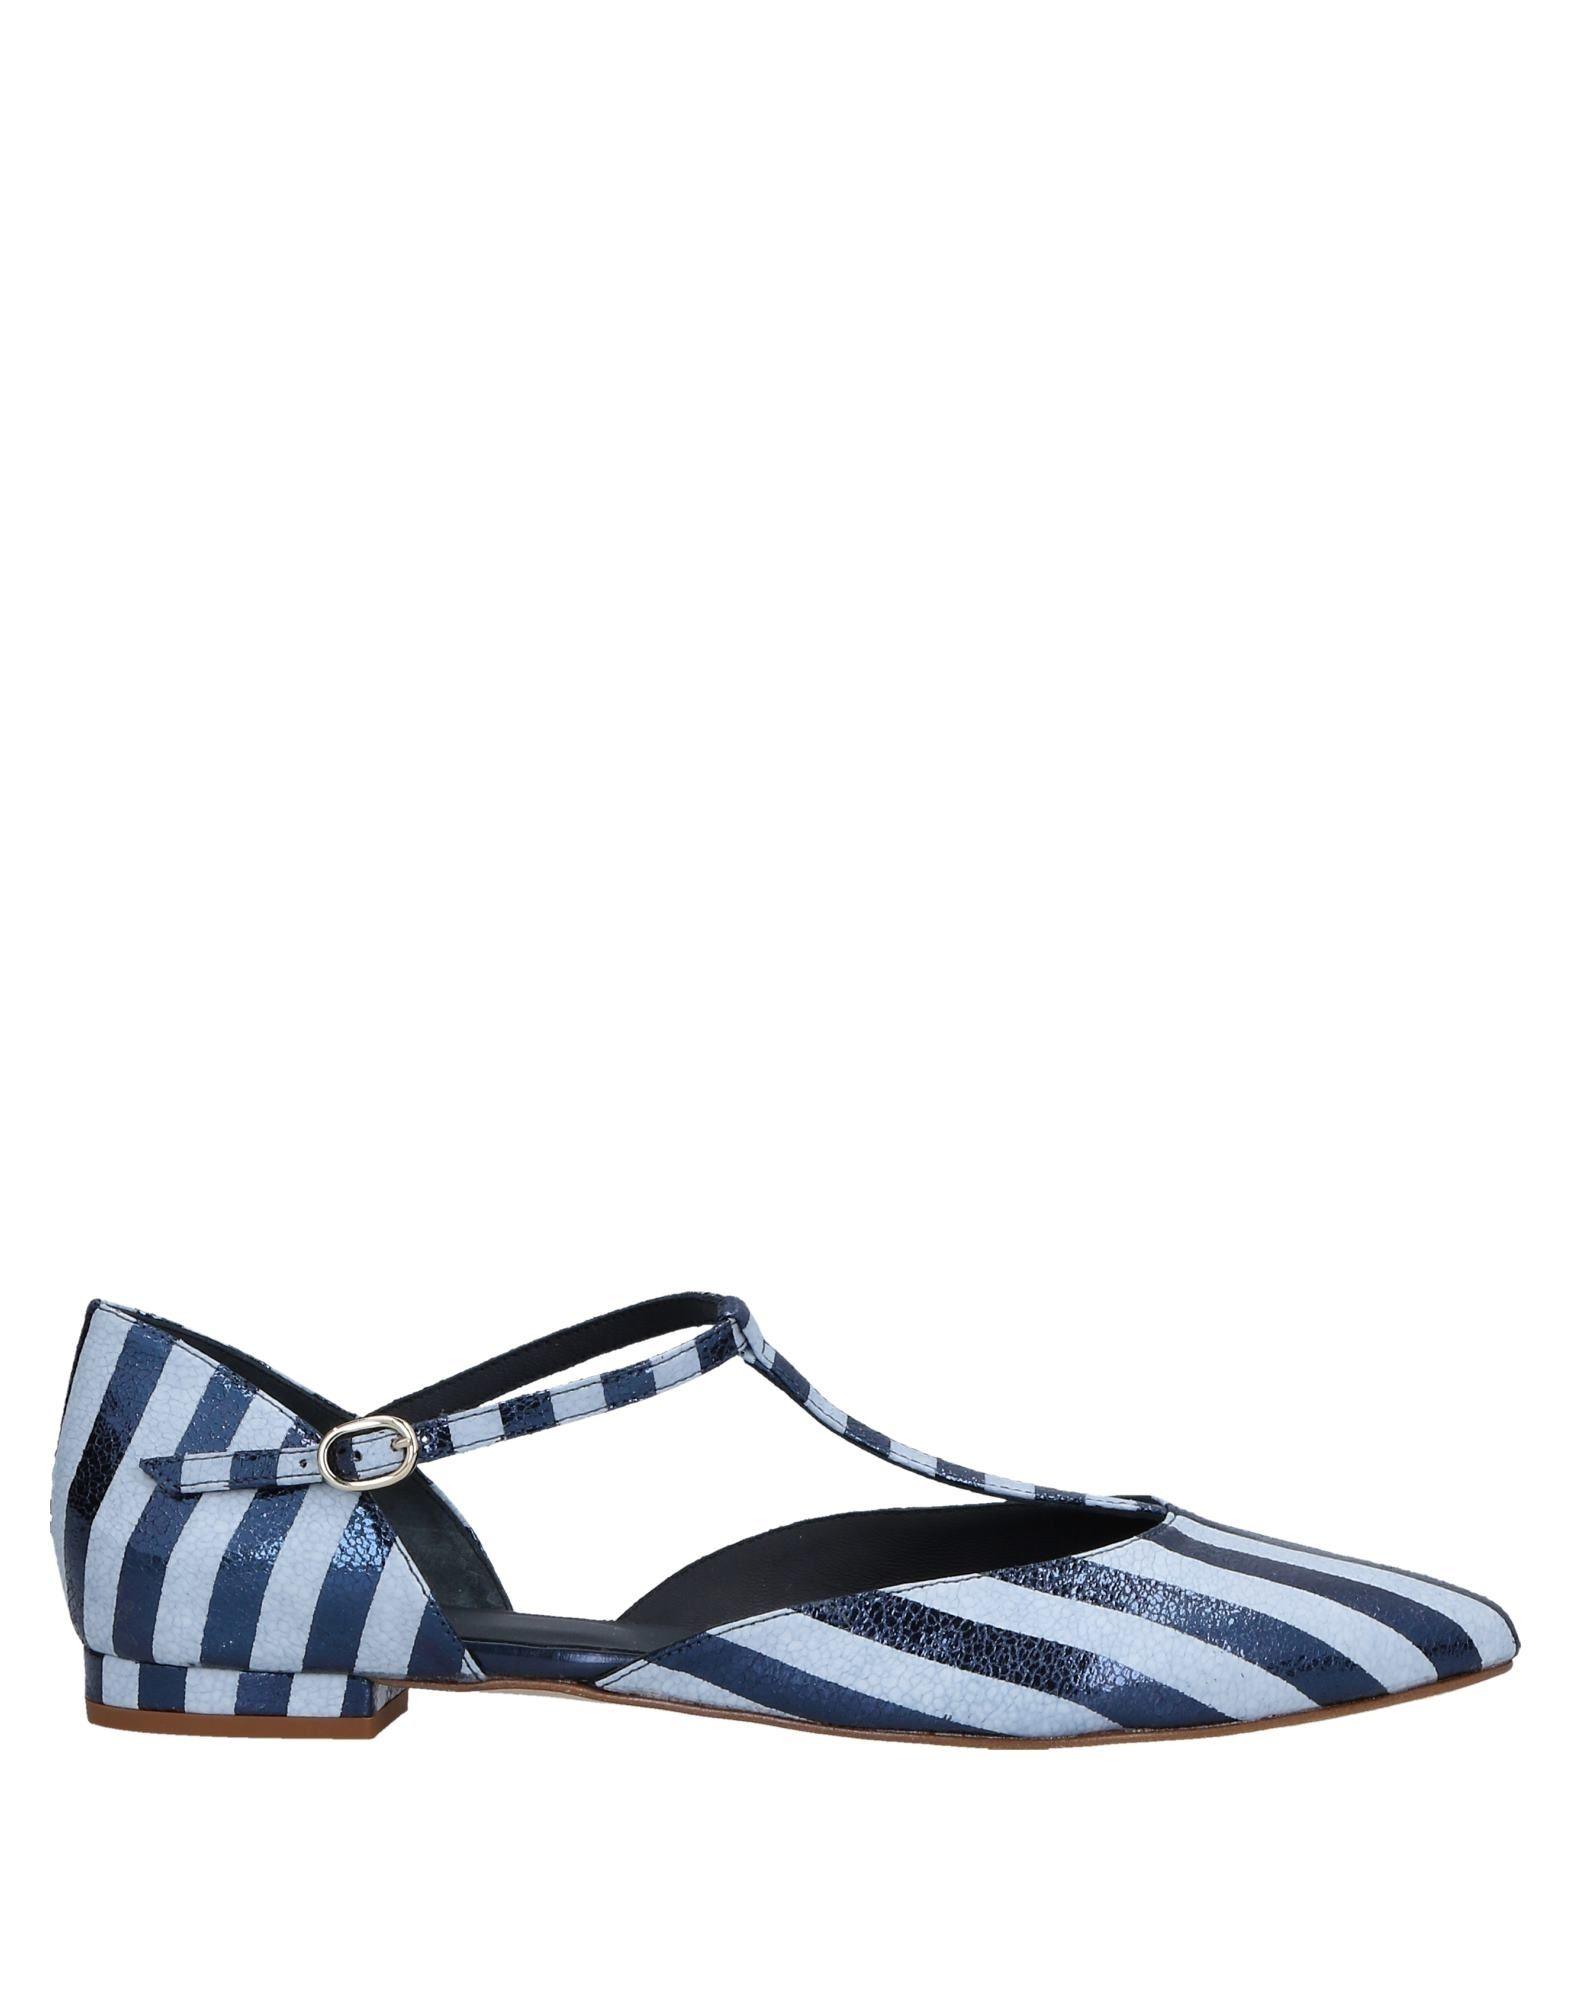 Scarpe economiche e resistenti Ballerine Lolo Donna - 11530419WI